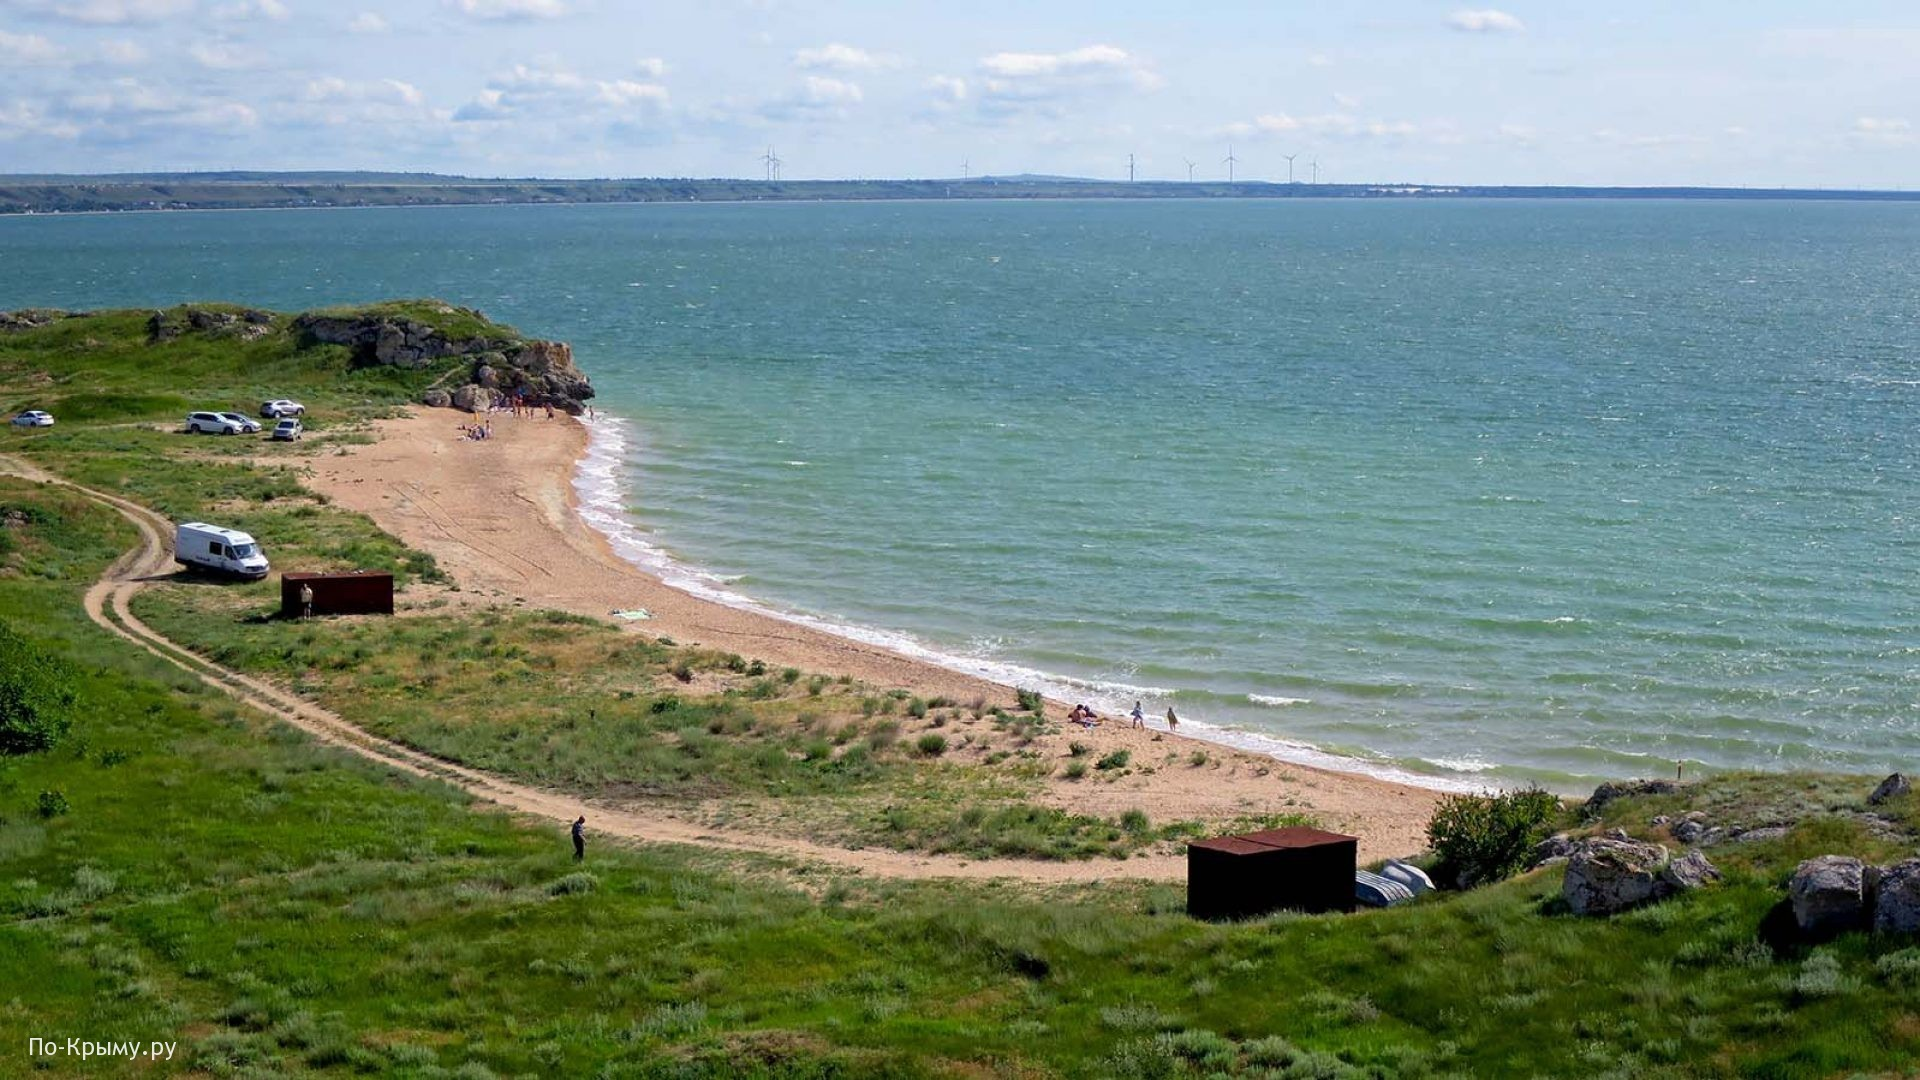 Азовское море. Дикий пляж у поселка Золотое